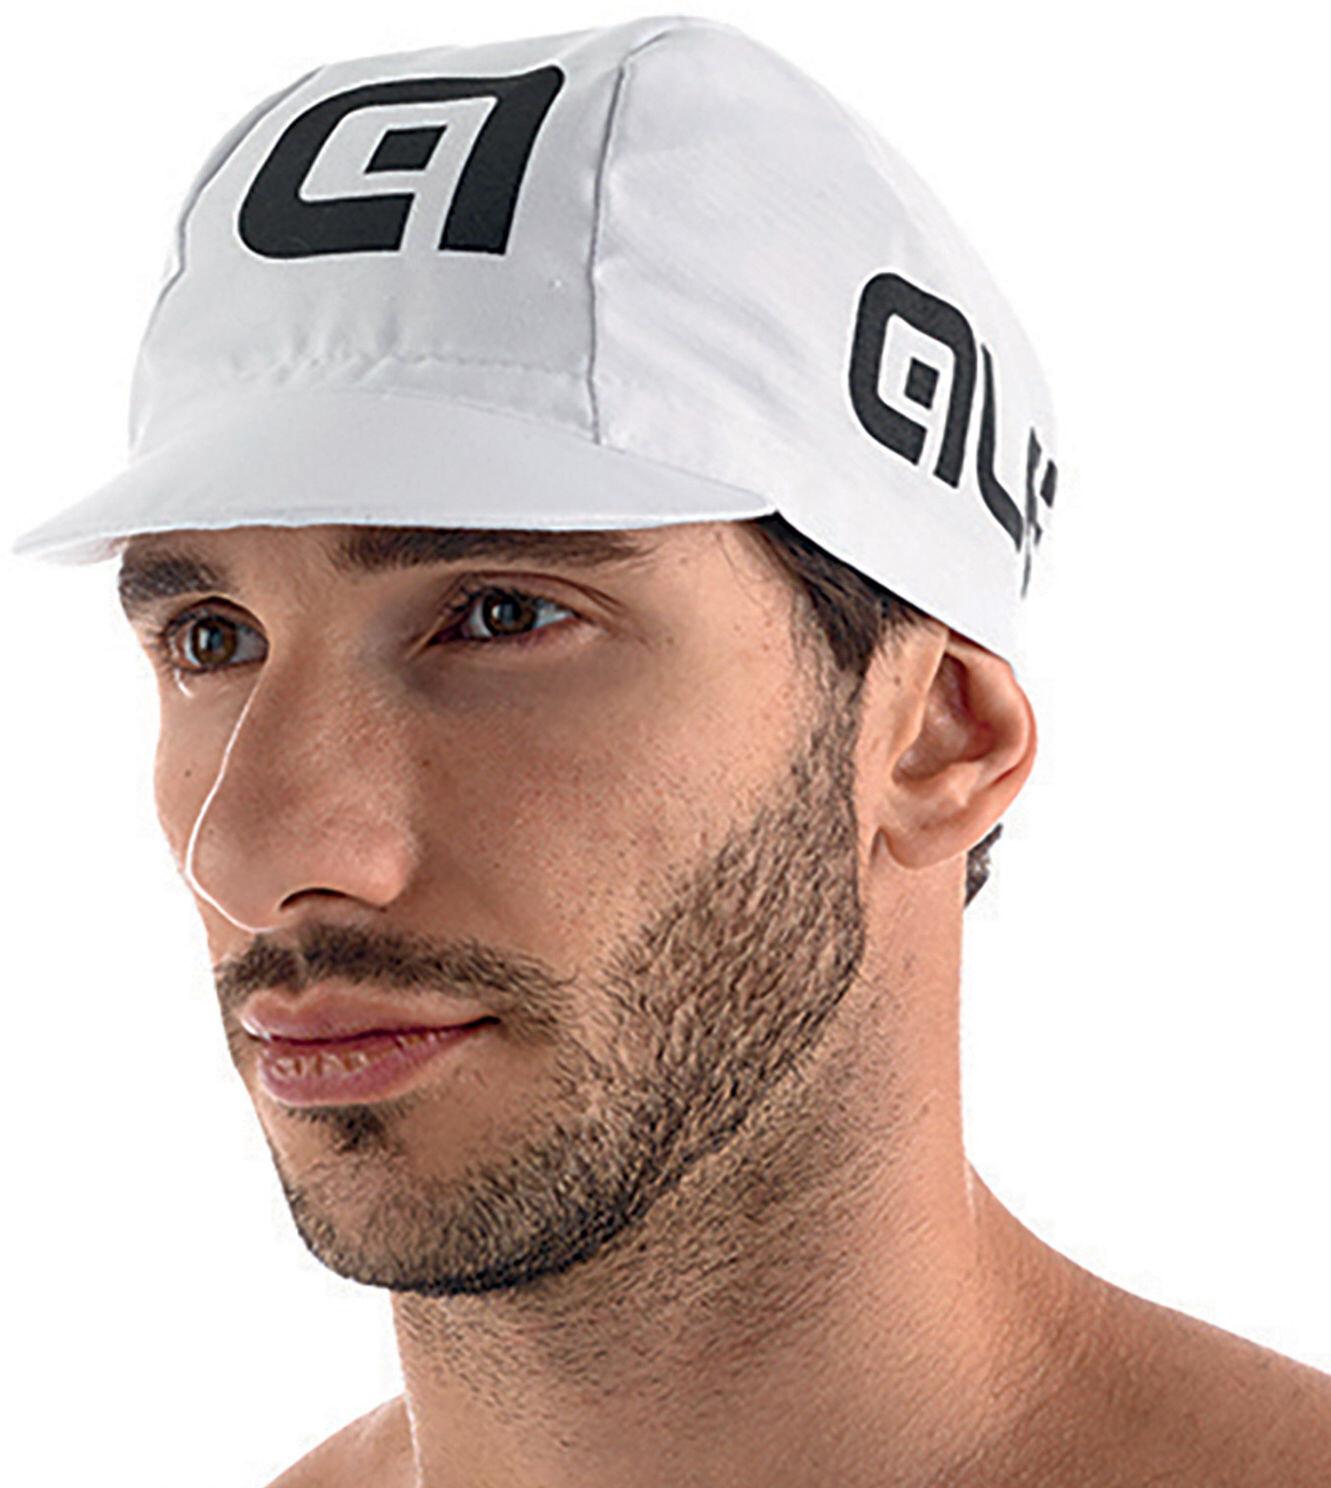 Alé Cycling Cap, white-black (2019) | Headwear